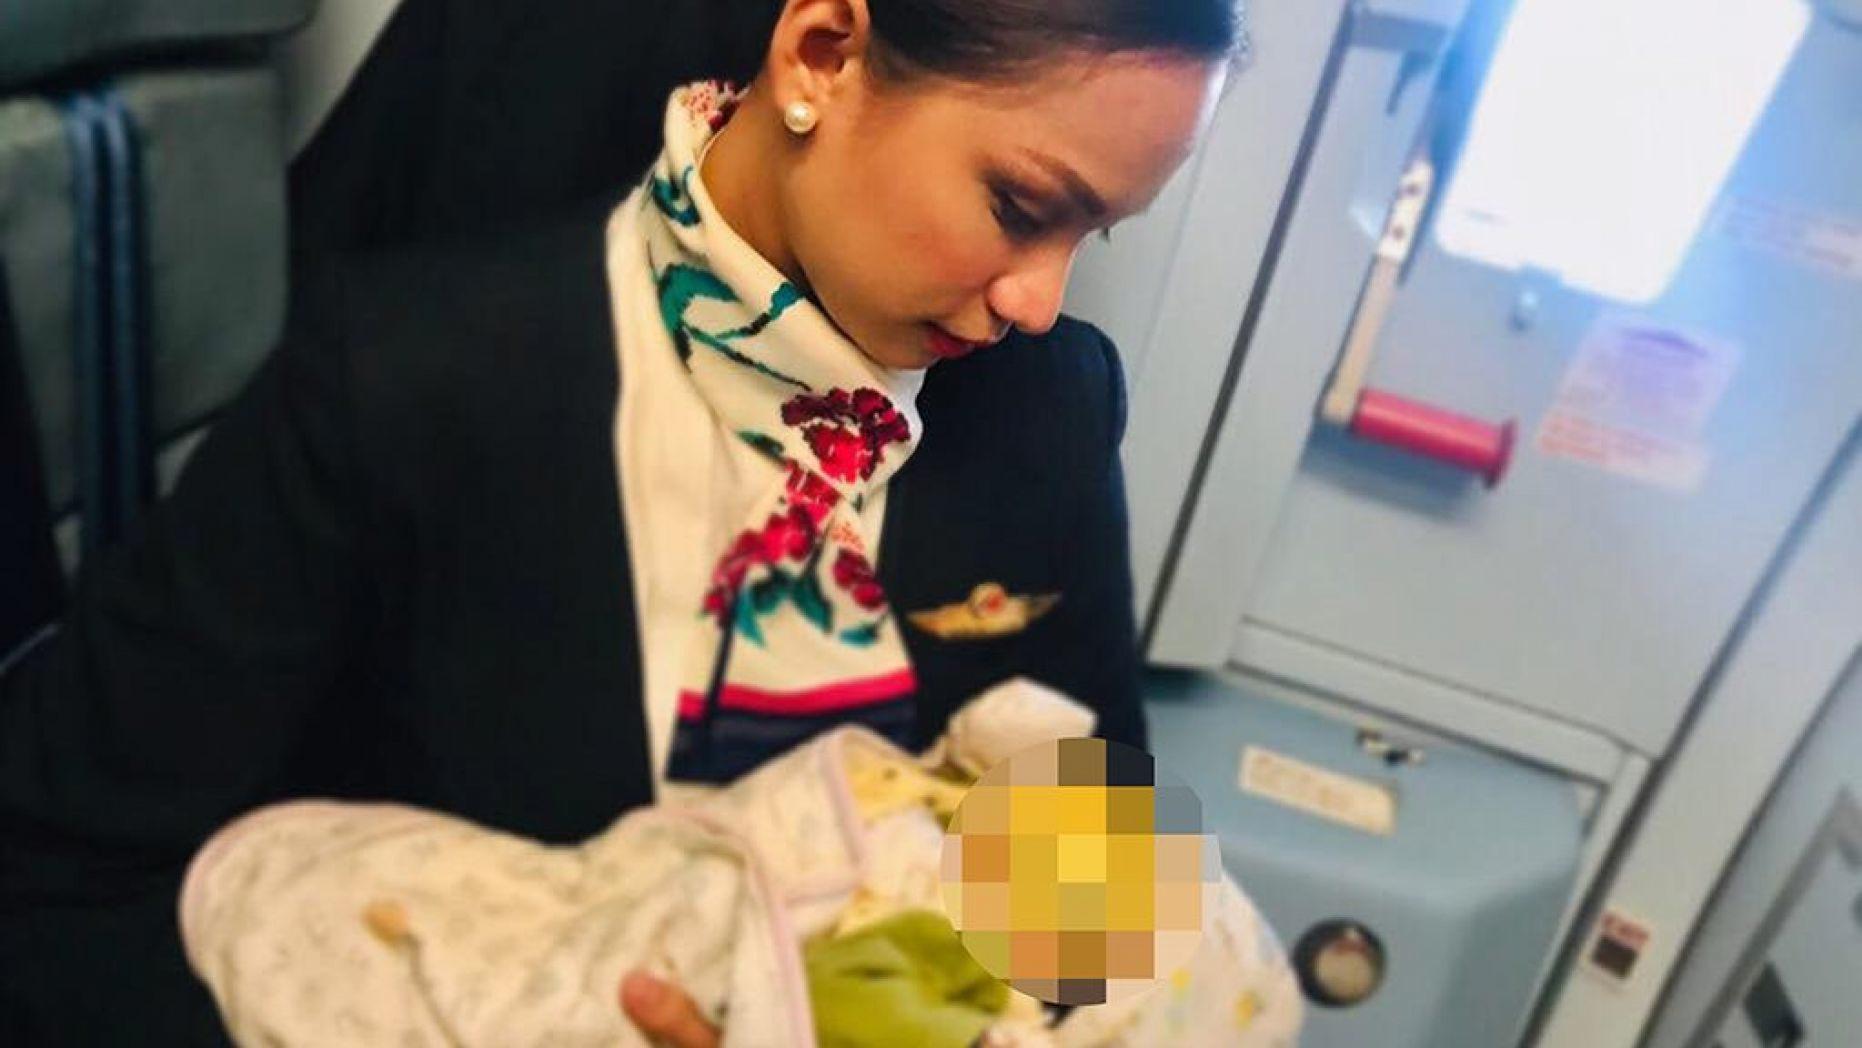 Стюардесса накормила грудью чужого ребенка